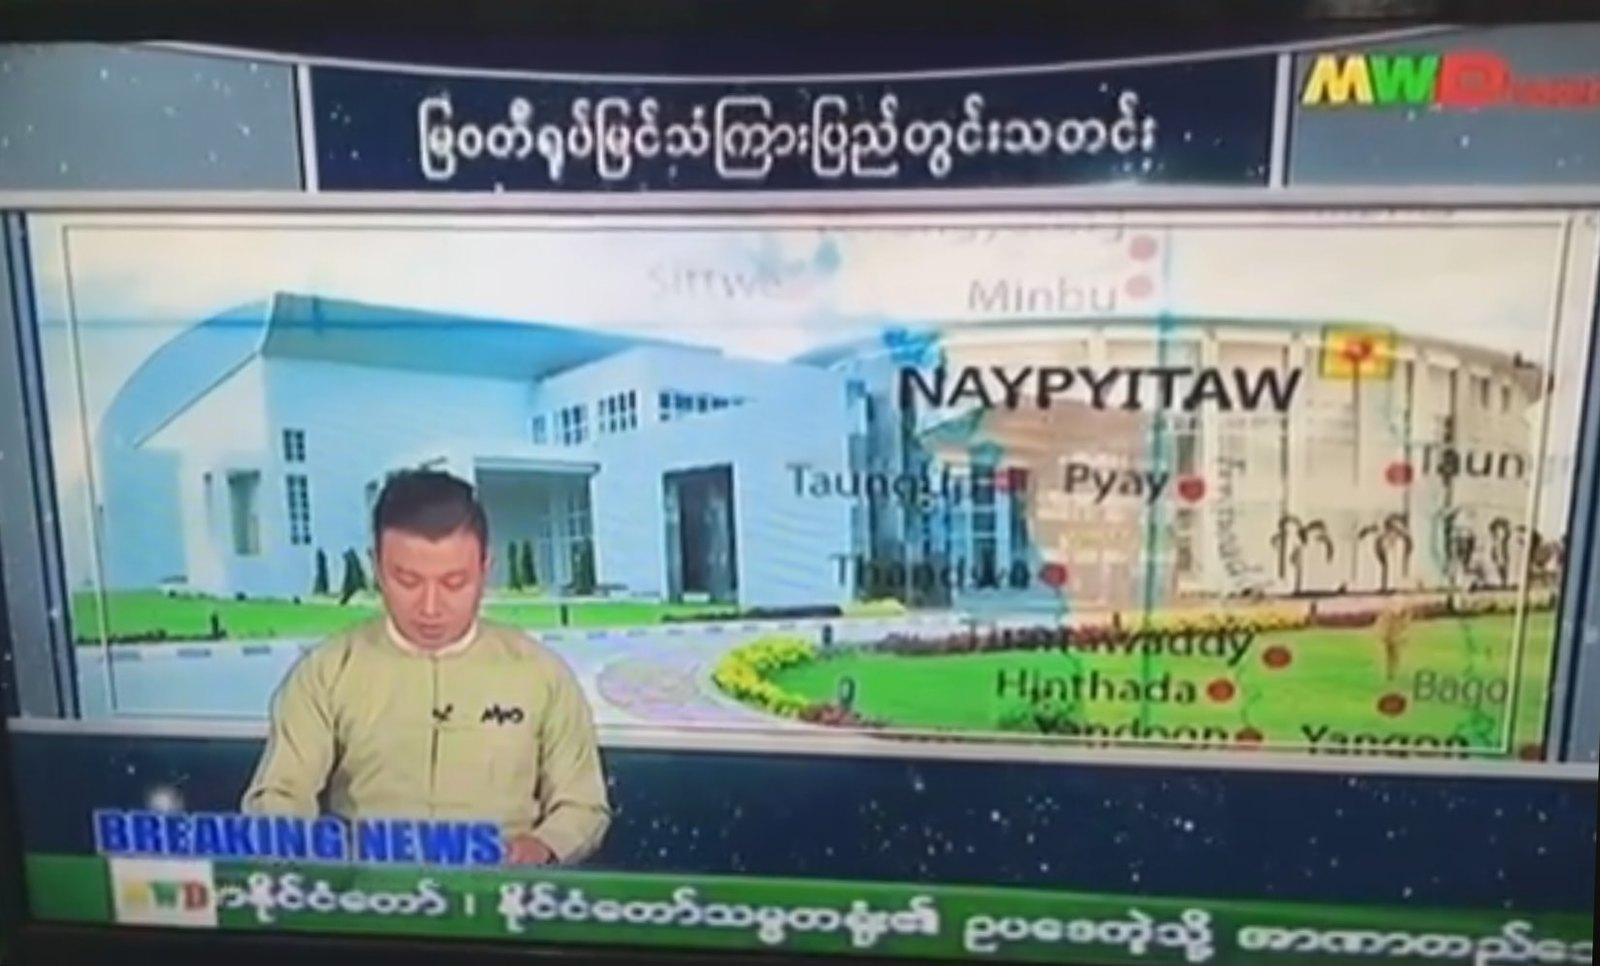 สถานีโทรทัศน์เมียวดีทีวี ซึ่งเป็นสถานีโทรทัศน์ของกองทัพพม่า ออกประกาศสถานการณ์ฉุกเฉินเป็นเวลา 1 ปี (ที่มา: เมียวดีทีวี)